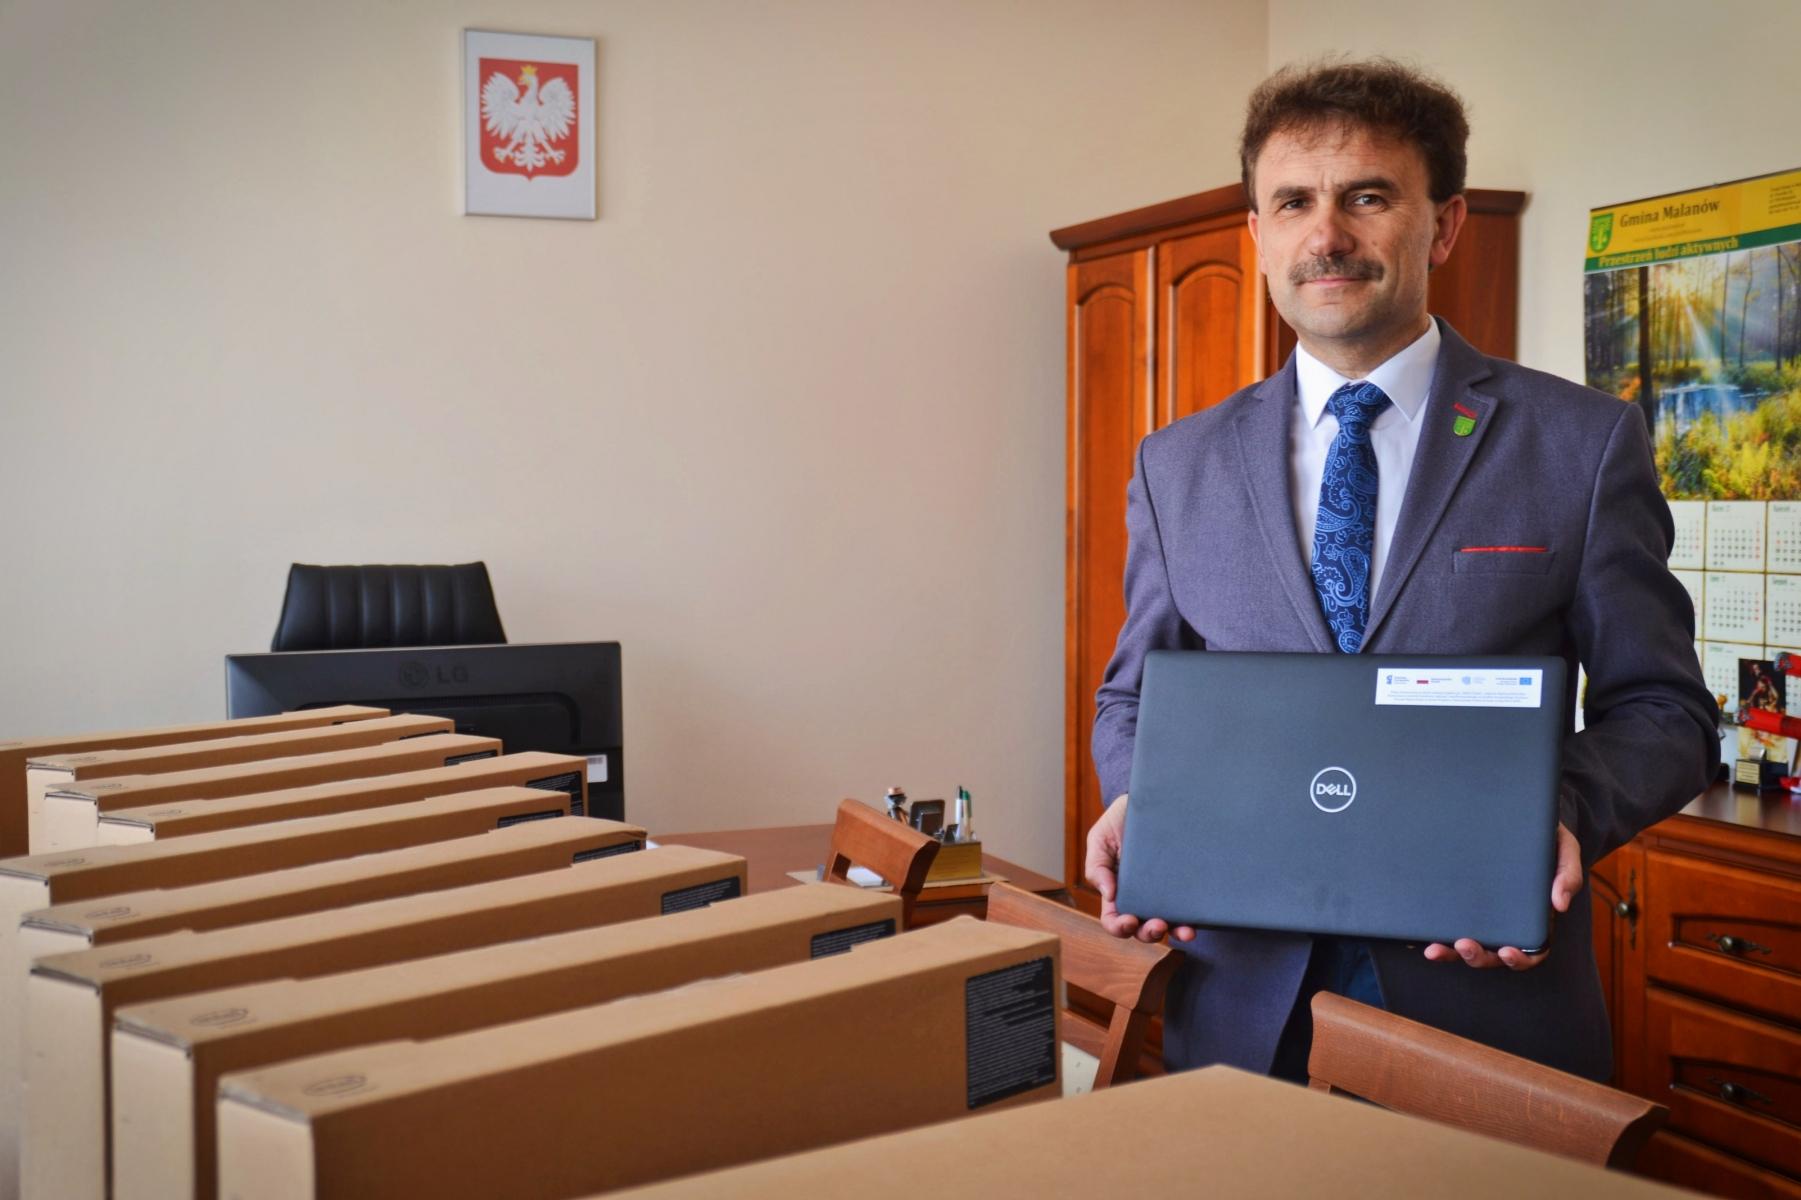 Gmina Malanów otrzymała wsparcie 60 tyś zł na program Zdalna Szkoła